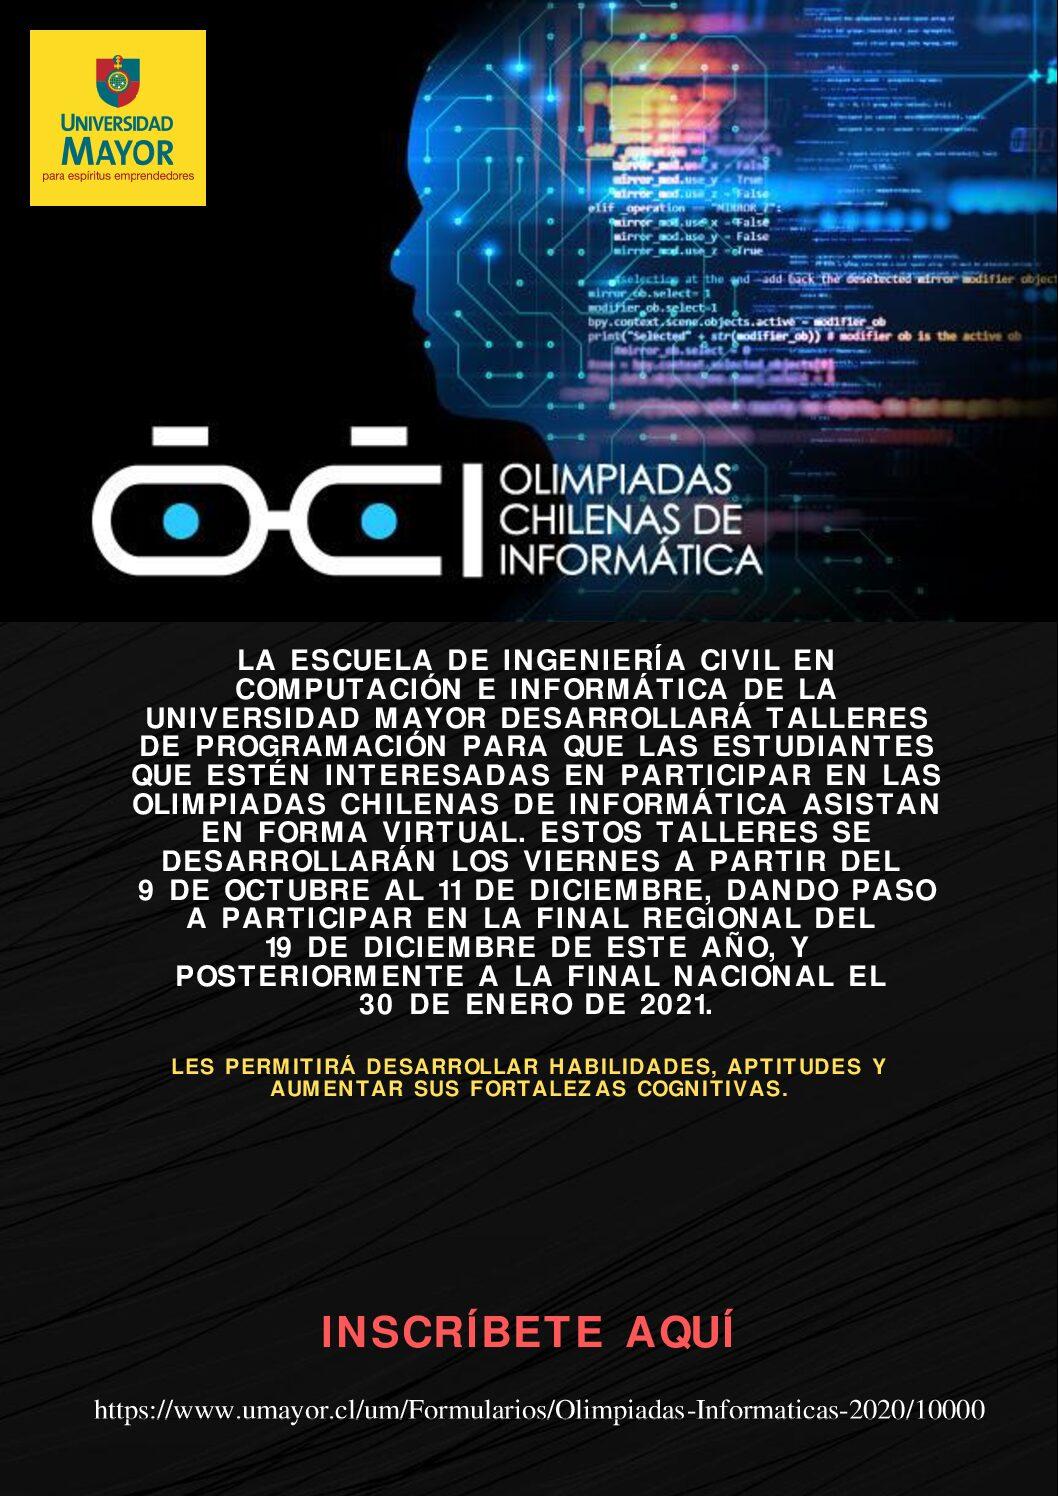 Olimpiadas Chilenas de Informática